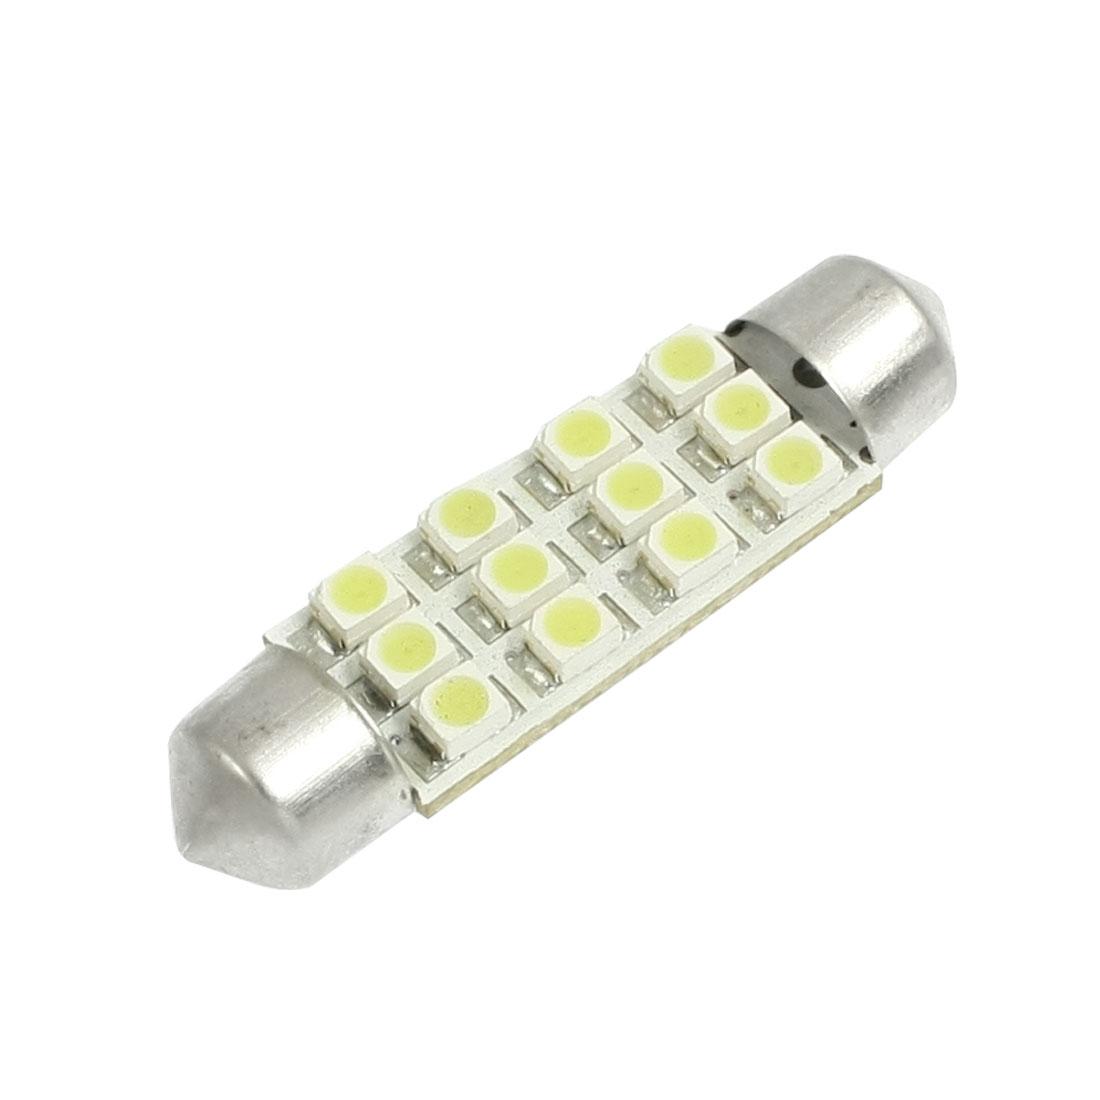 Car 41mm 1210 3528 SMD 12 LED Leds Festoon Dome Light Bulb White